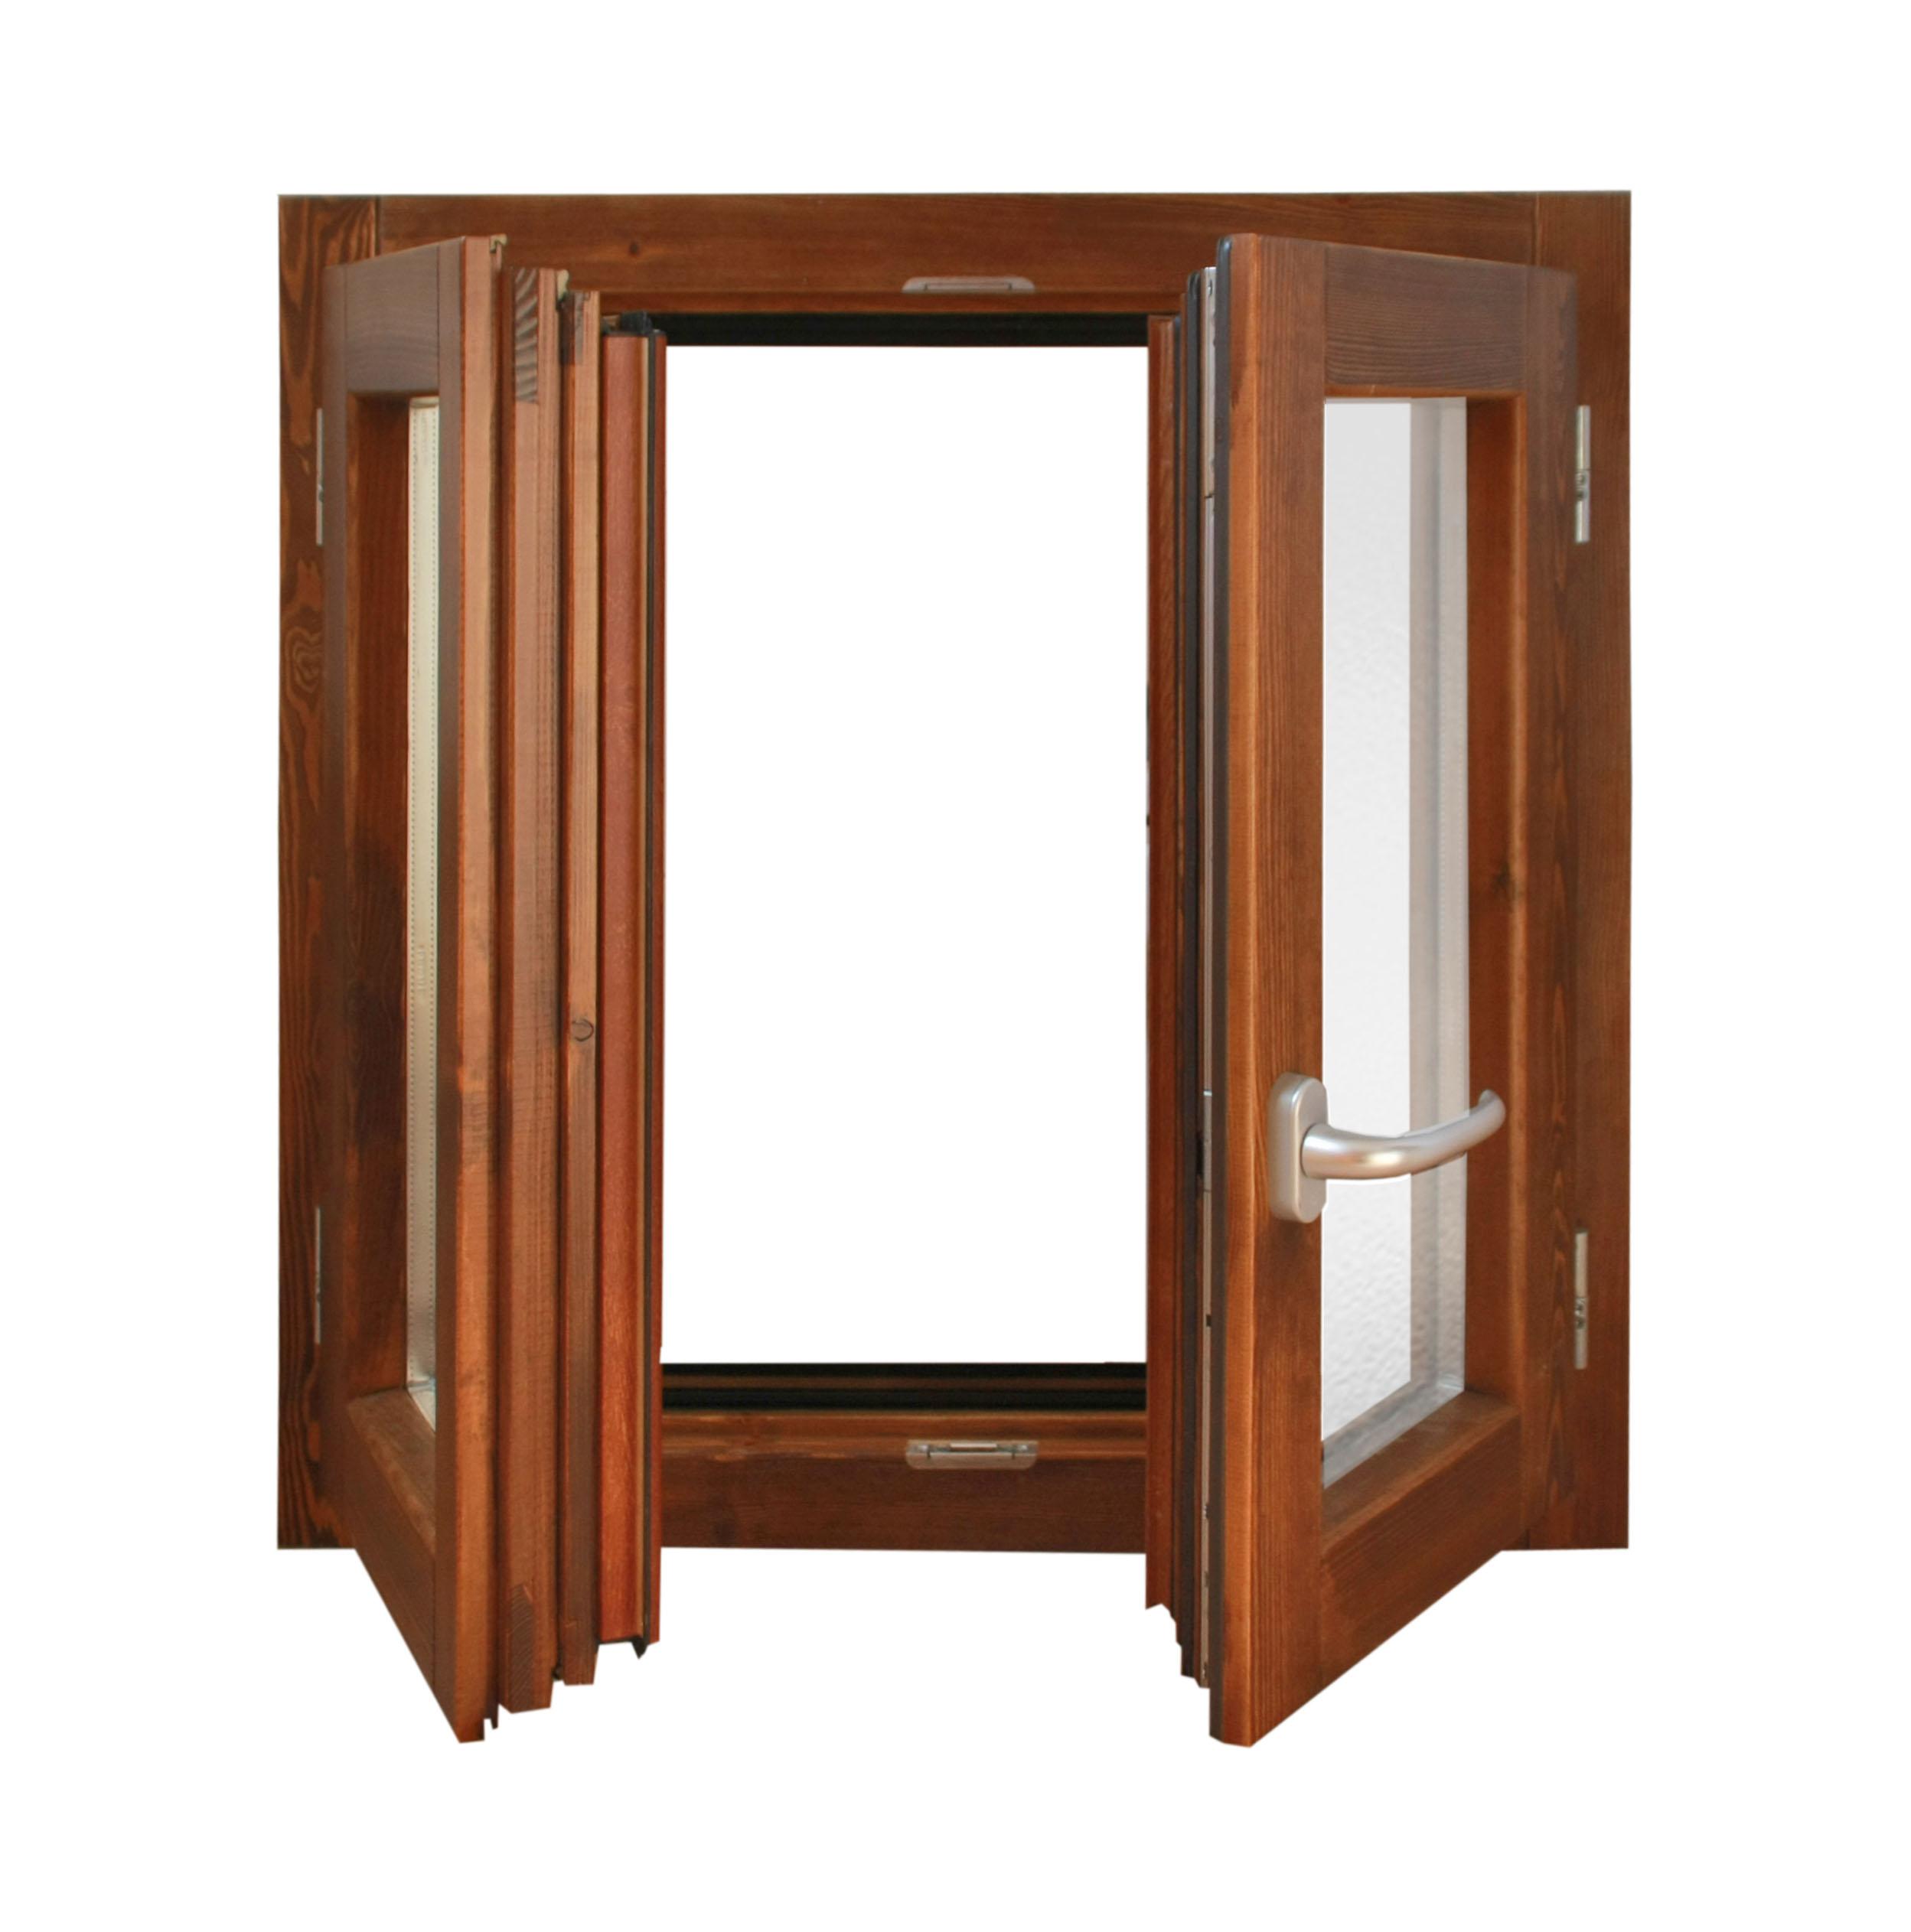 Ventanas europeas ventanas a medida montaje de ventanas - Fotos en madera ...